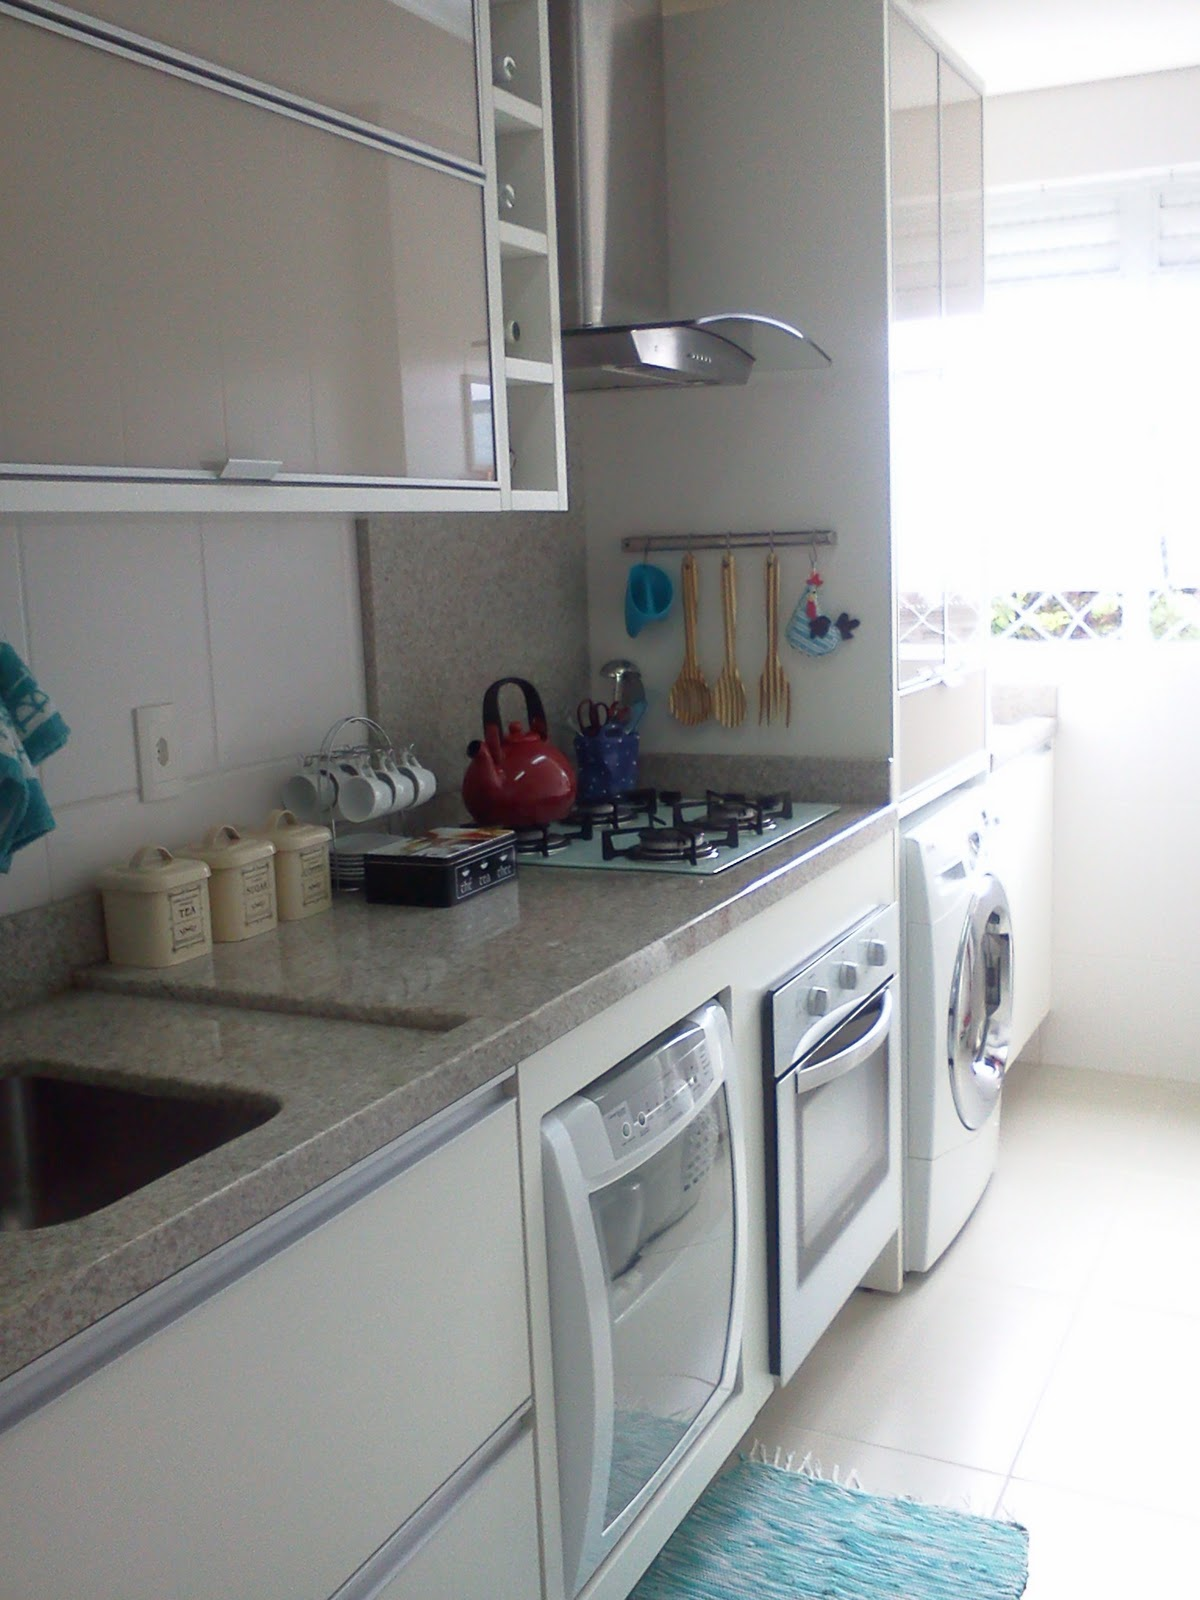 #4F727C Sei que tem muita gente que não gosta de máquina de lavar louças  1200x1600 px Projetos De Cozinhas Brastemp #439 imagens